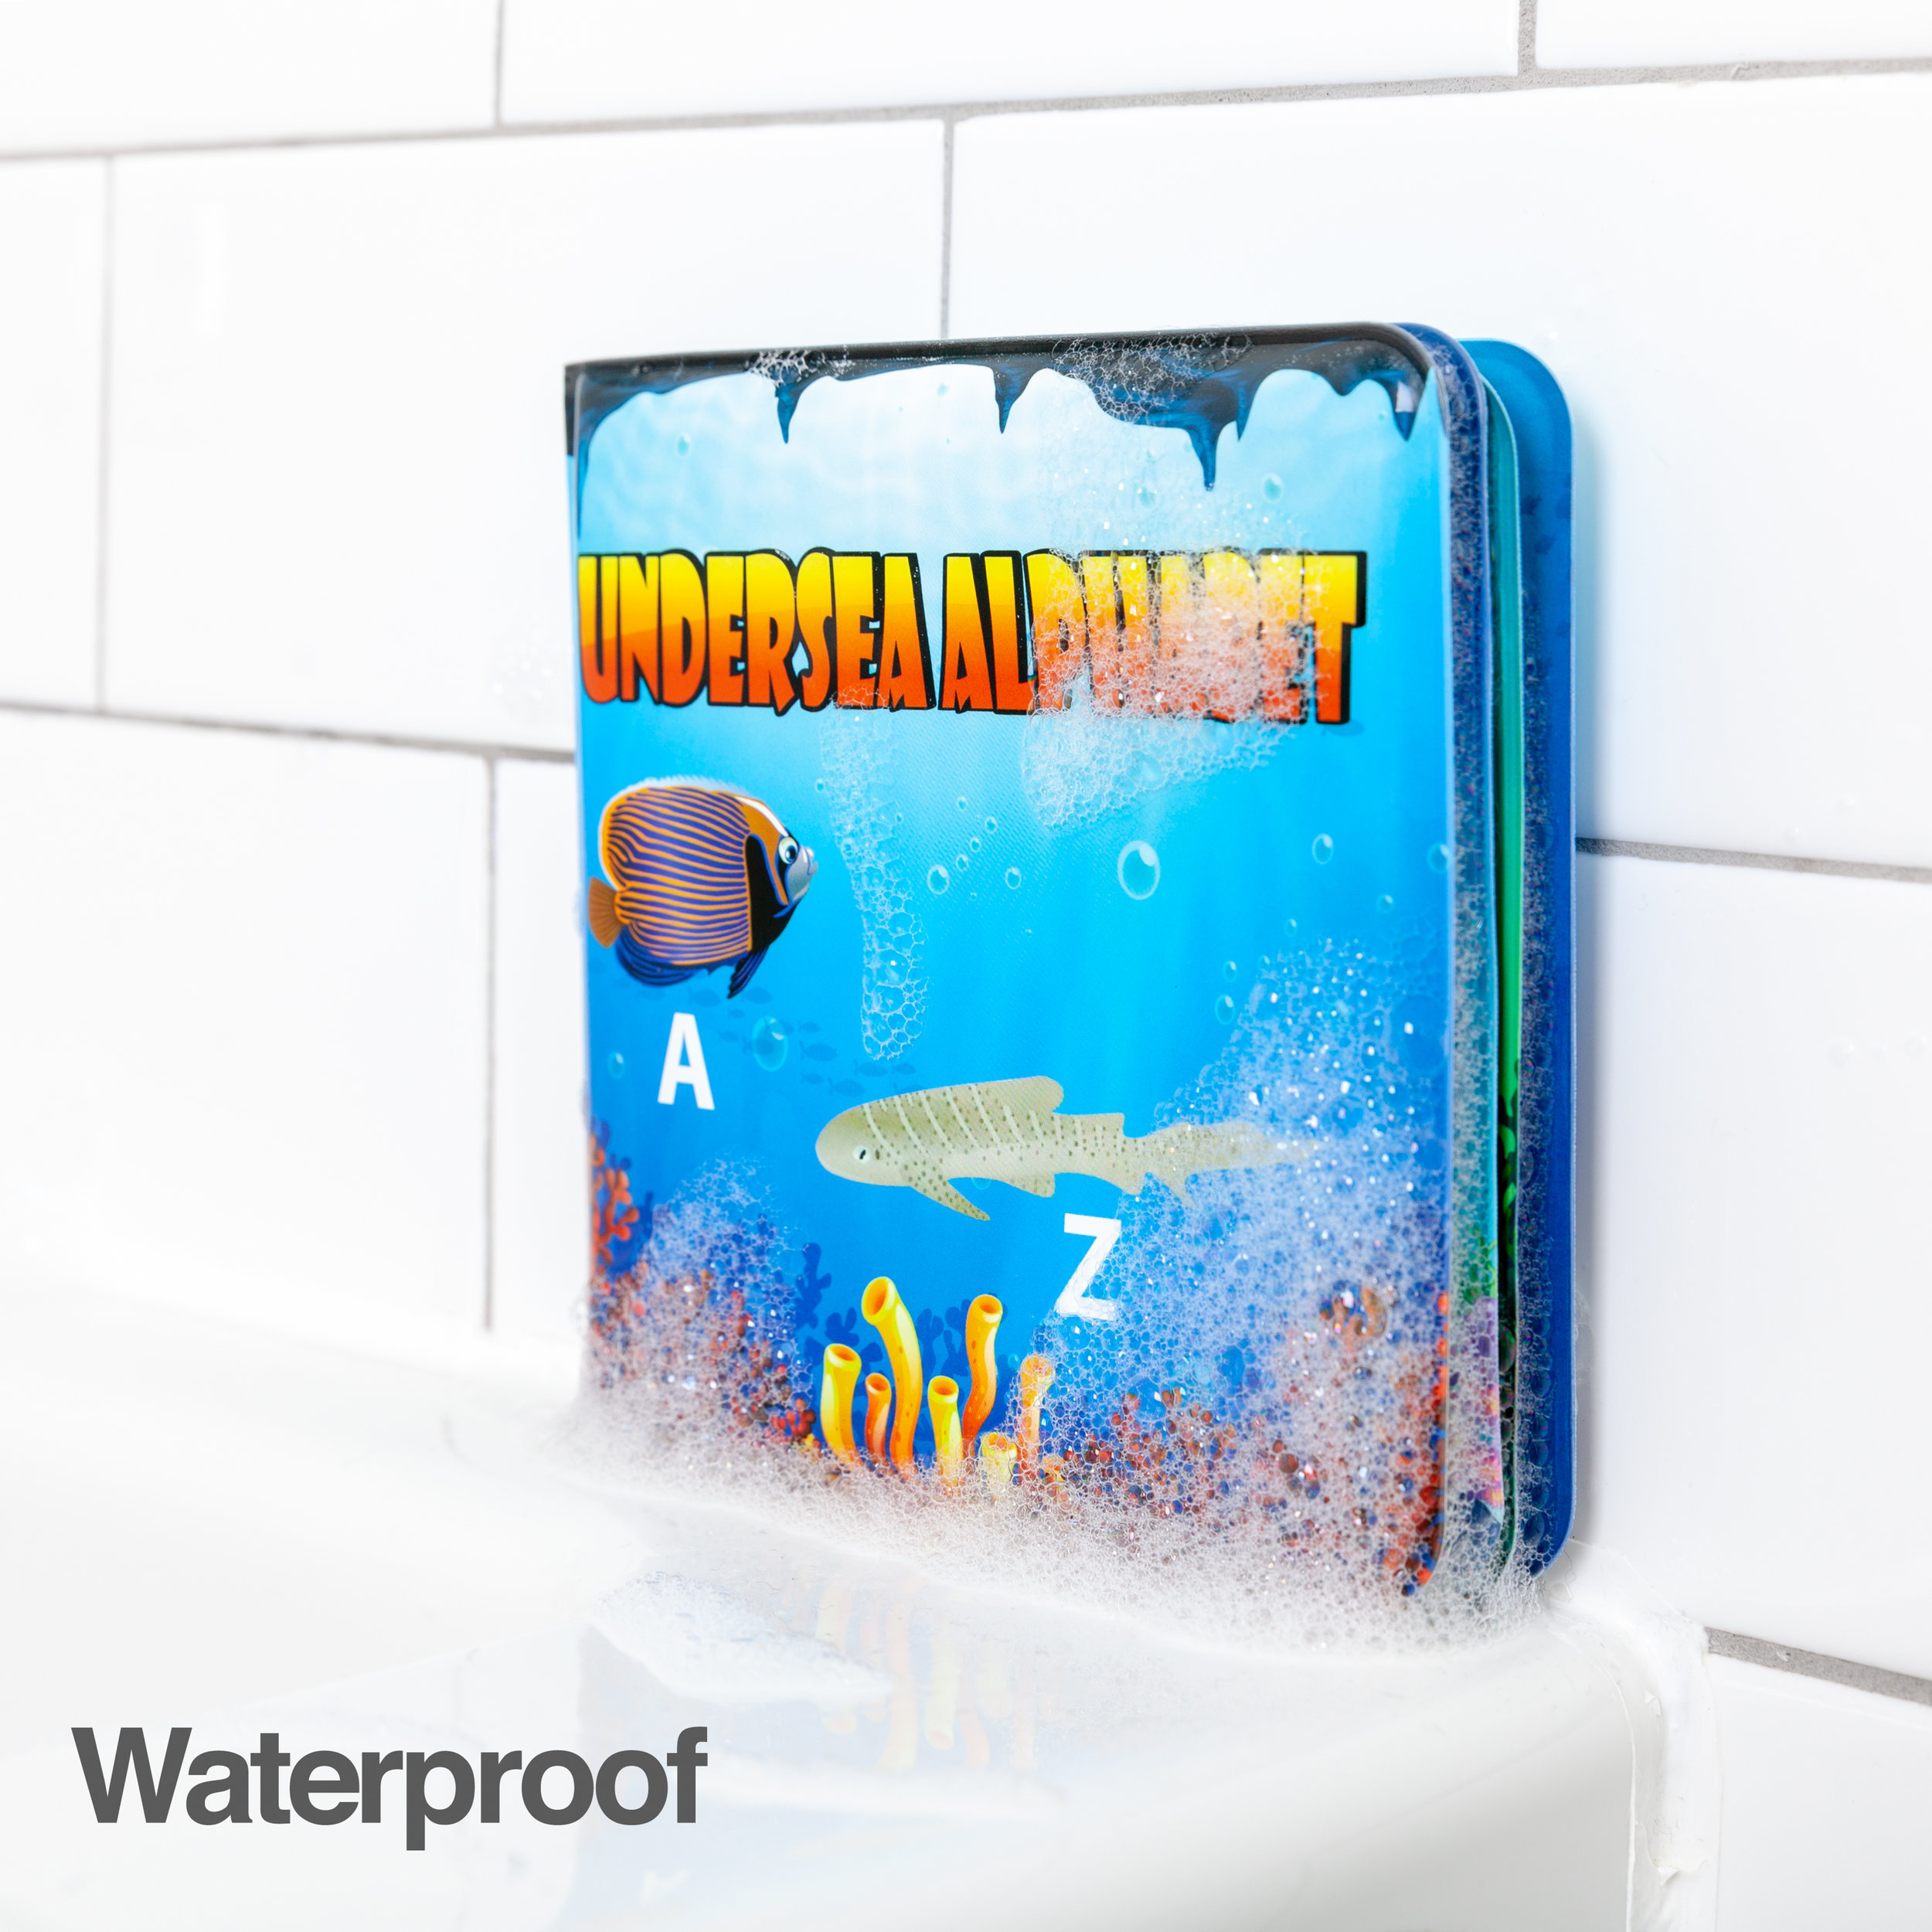 Waterproof-B07F1993WS.jpg